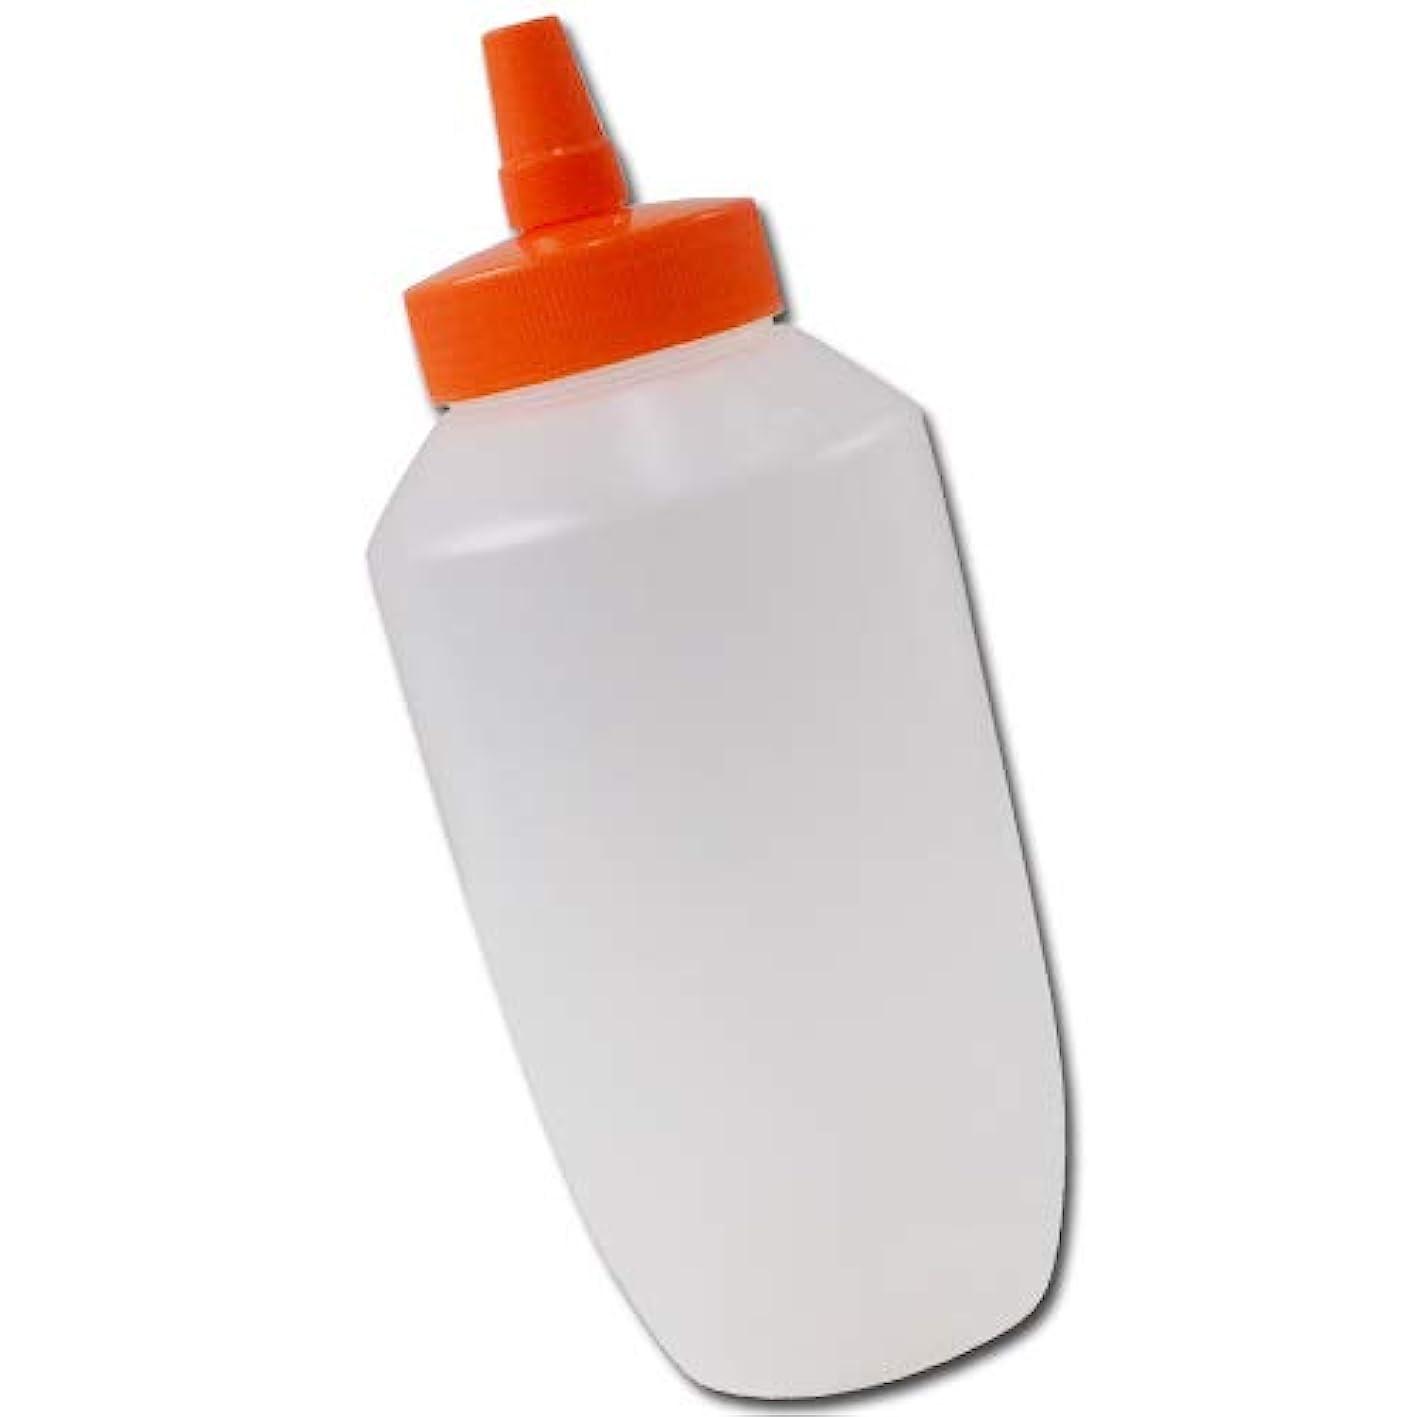 低下テニス野ウサギはちみつ容器740mll(オレンジキャップ)│業務用ローションや調味料の小分けに詰め替え用ハチミツ容器(蜂蜜容器)はちみつボトルビッグな特大サイズ